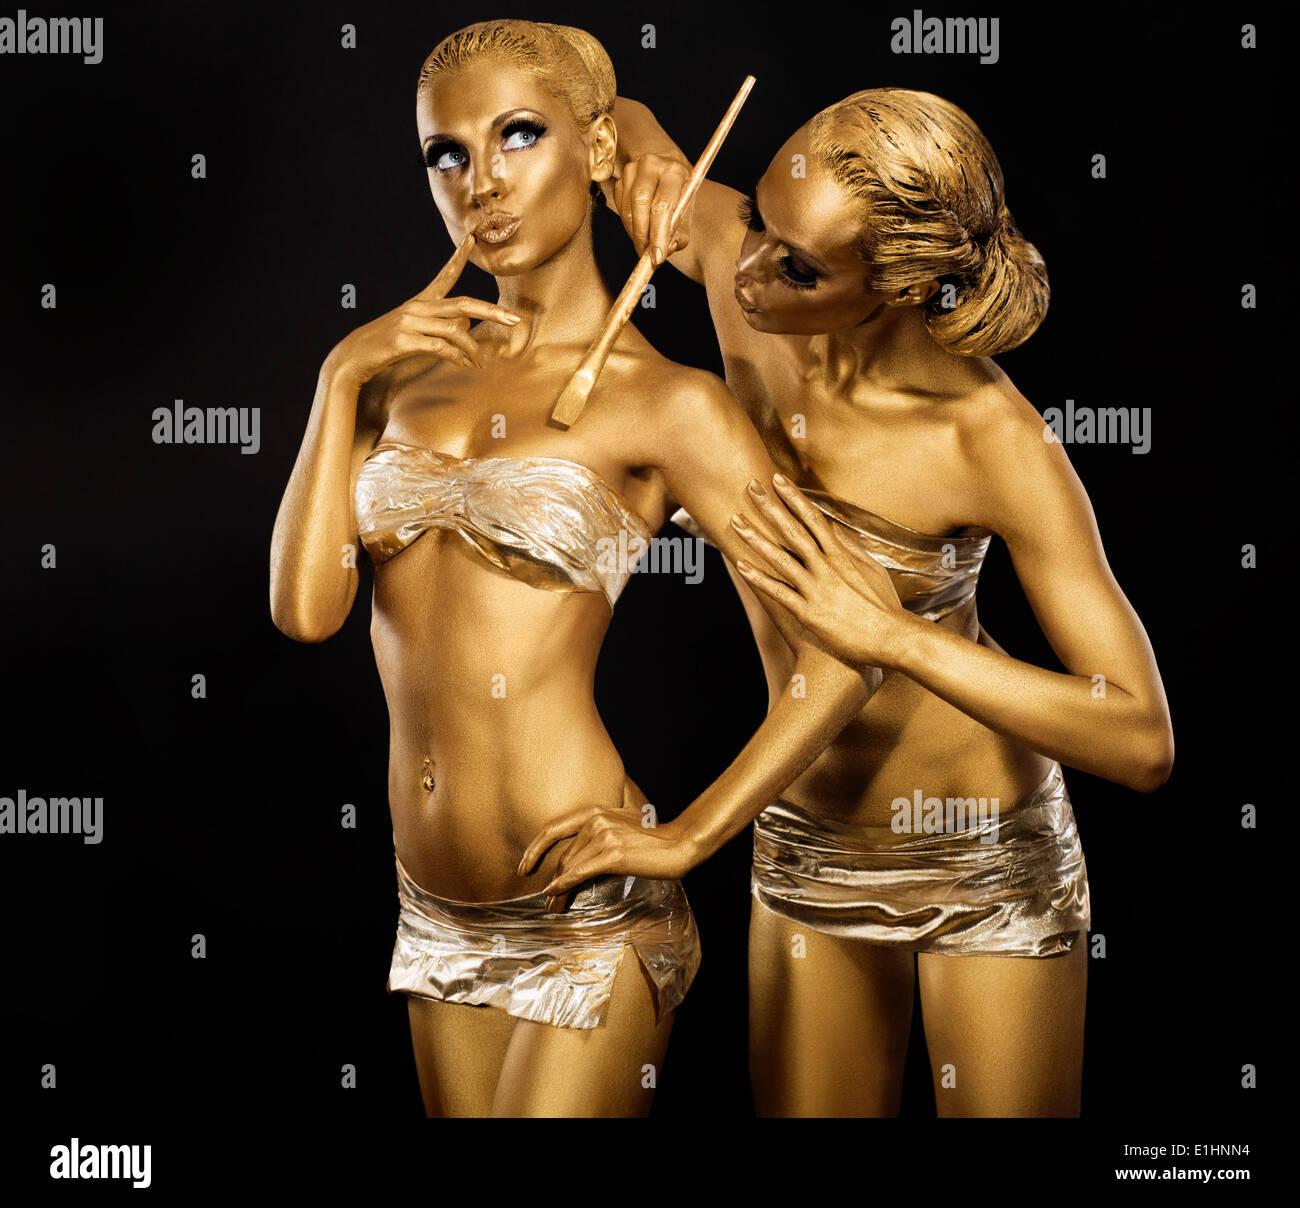 El arte del cuerpo. Mujer pintura Cuerpo con cepillo de la pintura en color dorado. Maquillaje de oro Imagen De Stock